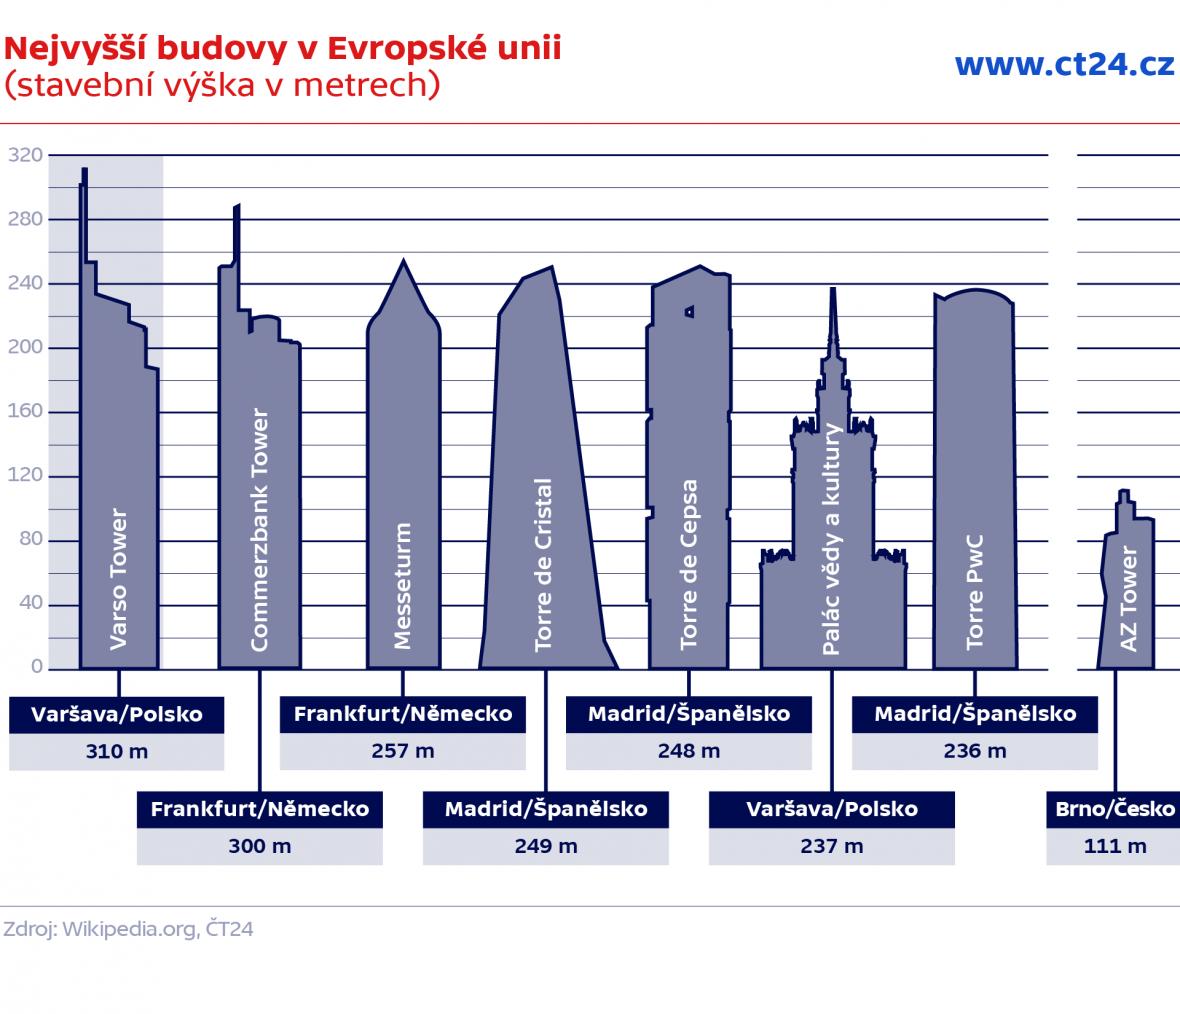 Nejvyšší budovy v Evropské unii